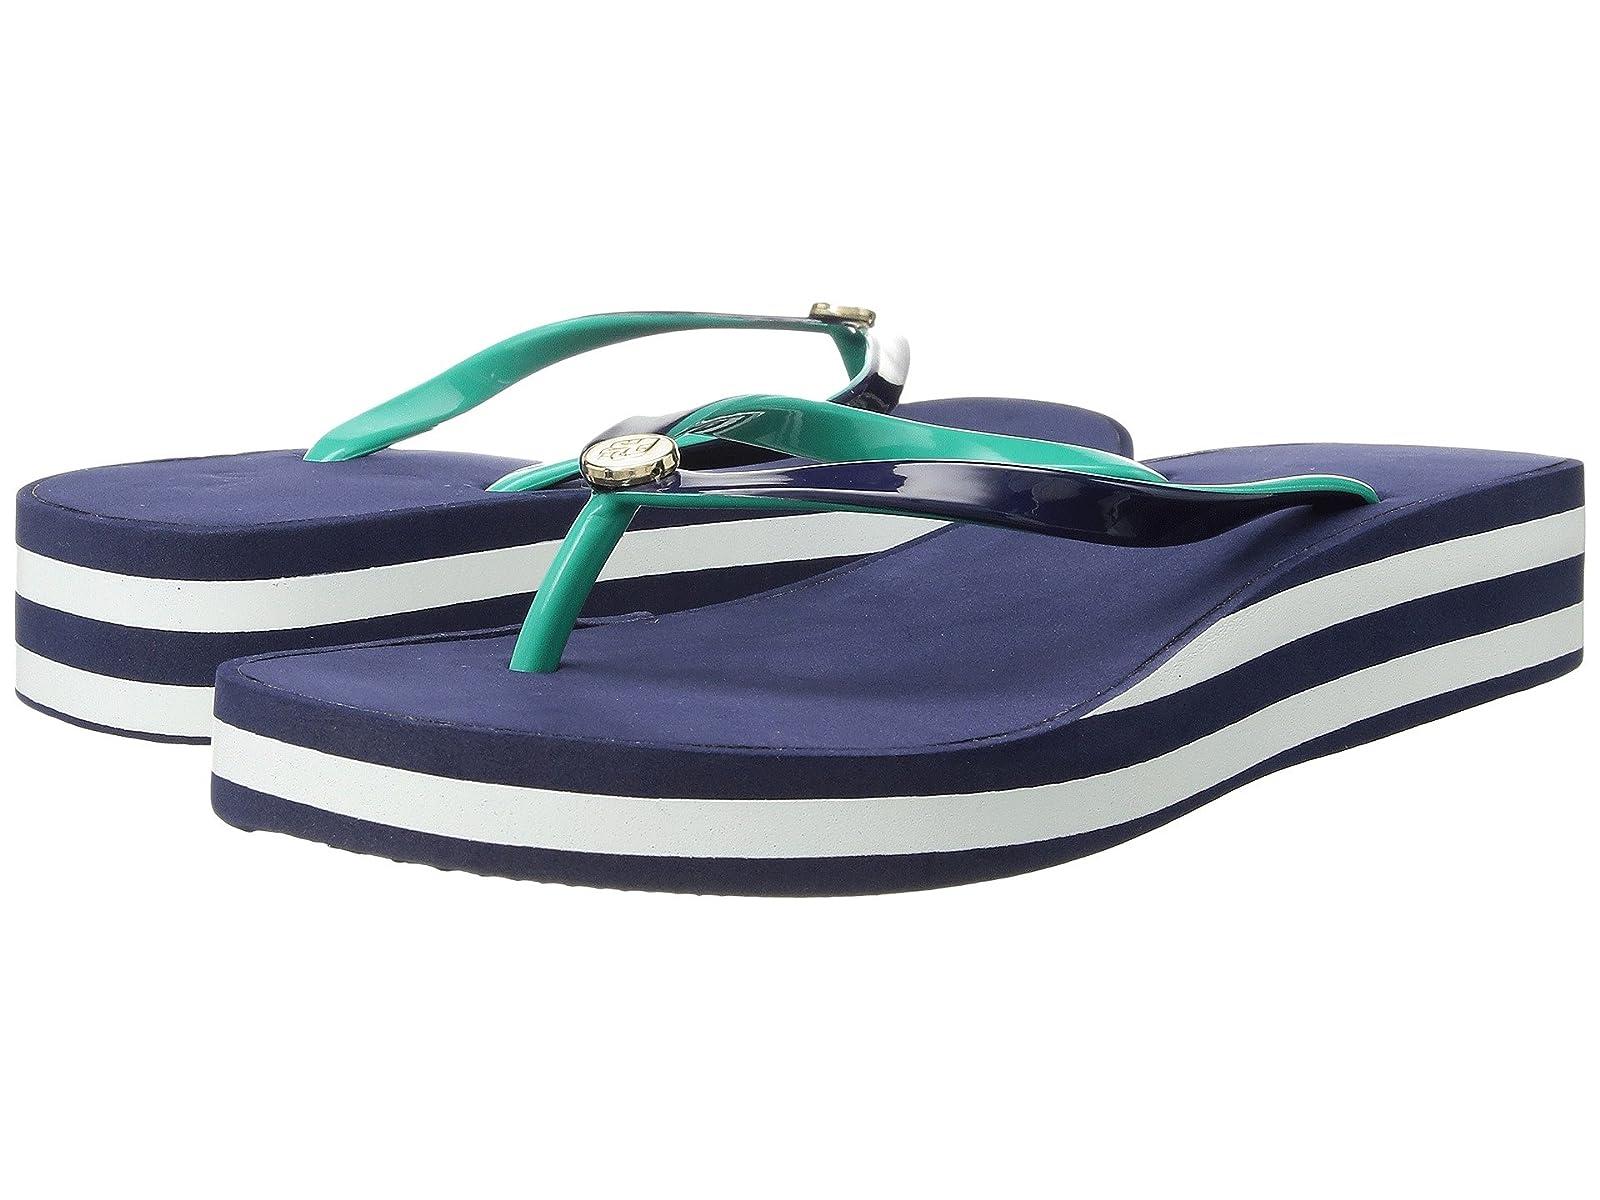 Hatley Agnes Wedge SandalsAtmospheric grades have affordable shoes